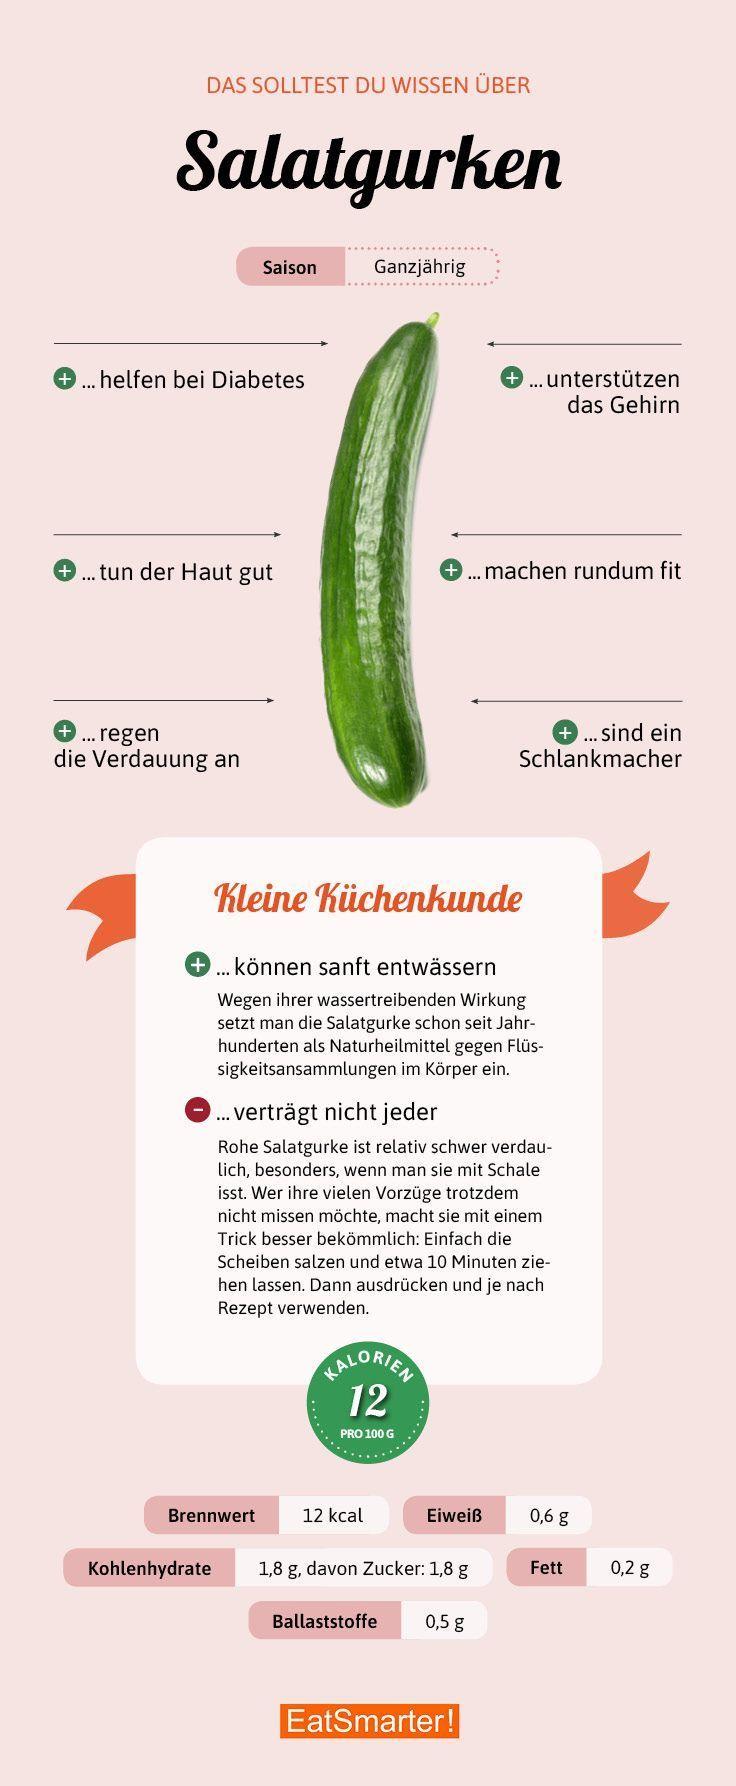 Das solltest du über Gurken wissen! #obstgemüse